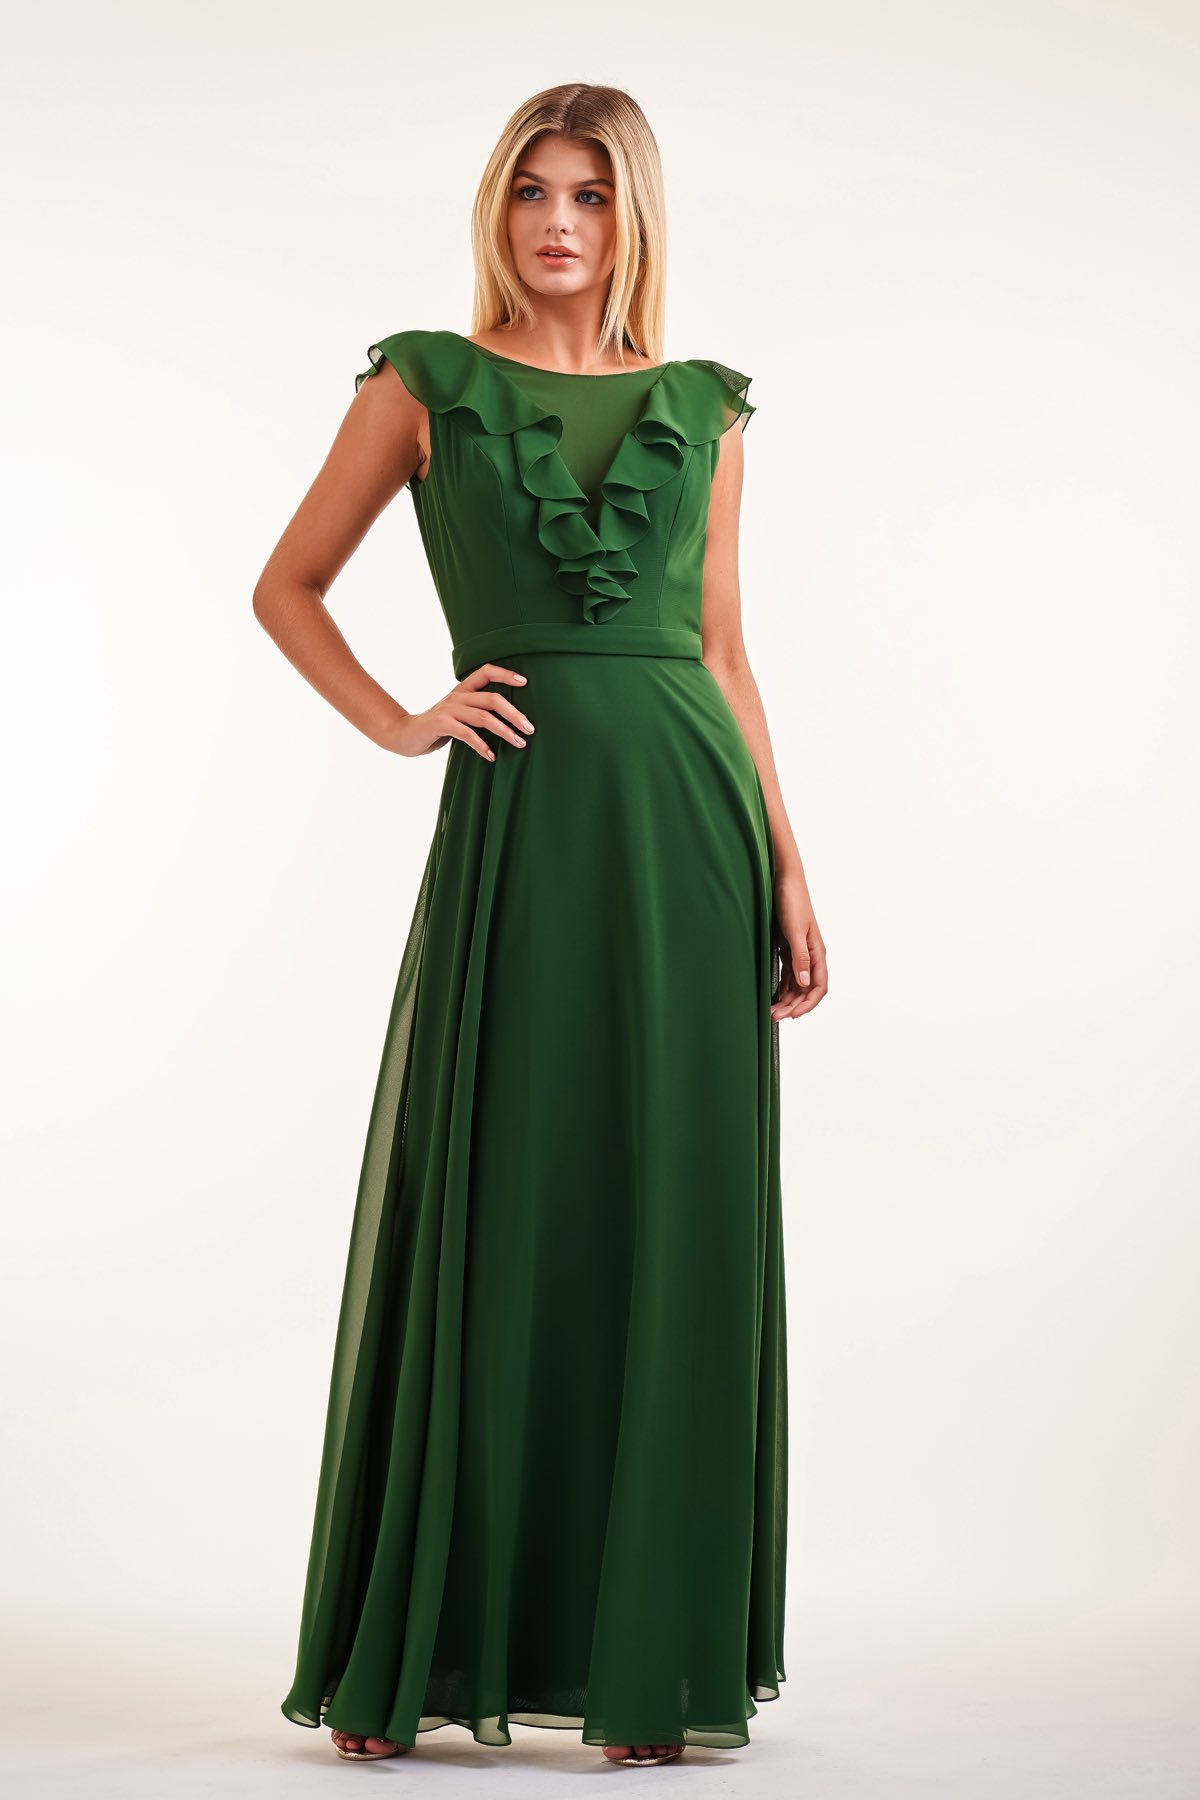 226007 Charlotte Chiffon Bateau Neckline With V Ruffle And Deep V Ruffle Back Dress